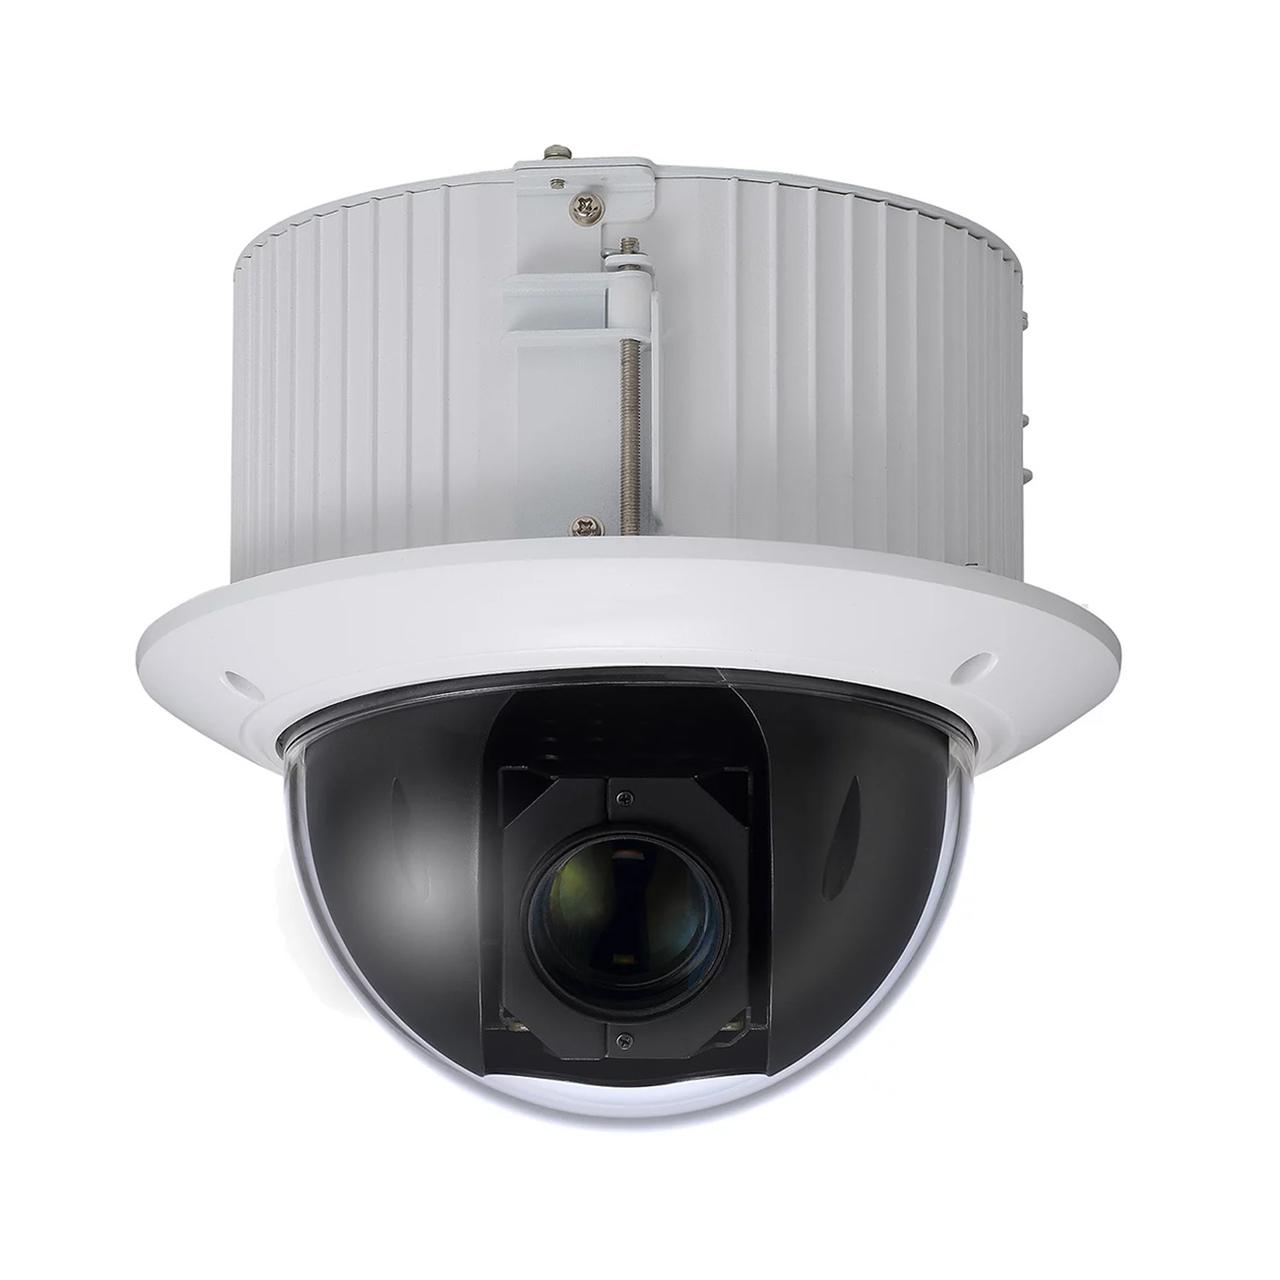 كاميرا مراقبه من شركة داهوا IP  داخليه 2 ميجا عالية الدقة زوم تكبير12 ضعف متحركة  DH-SD42C212TN-HN